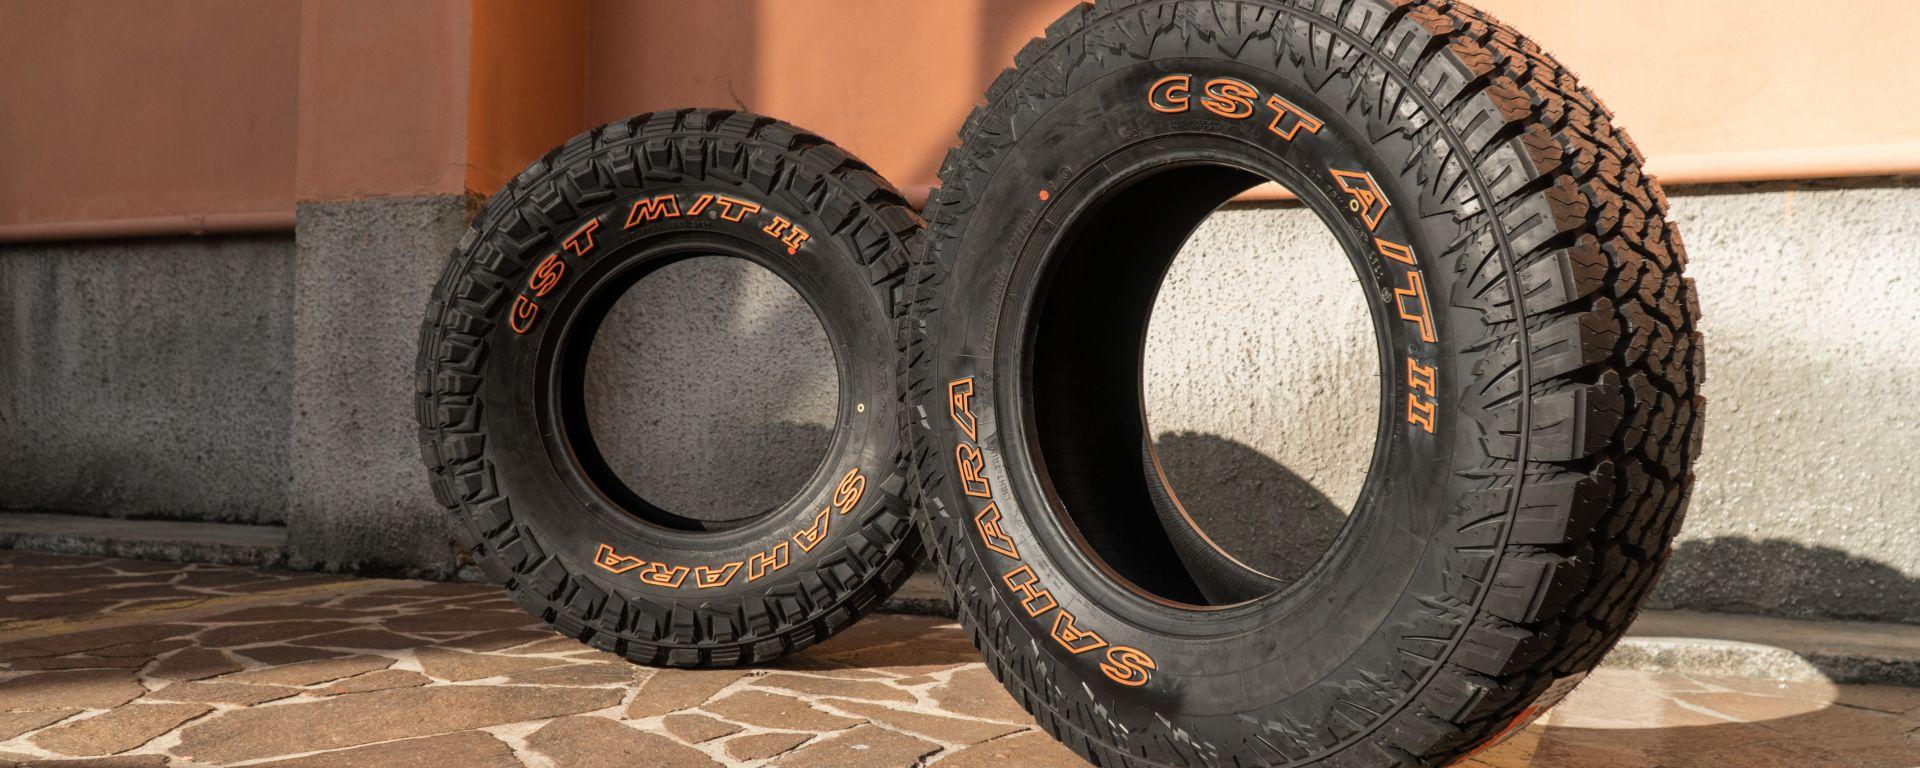 CST Tires Sahara A/T II e M/T II